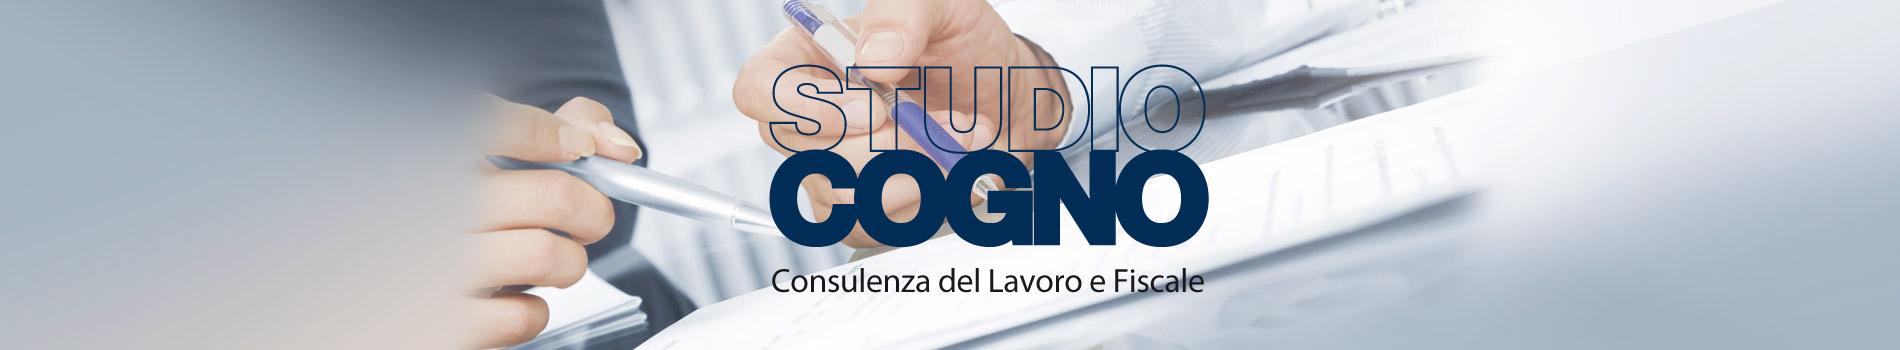 consulenti-lavoro-torino-slider-STUDIOCOGNO